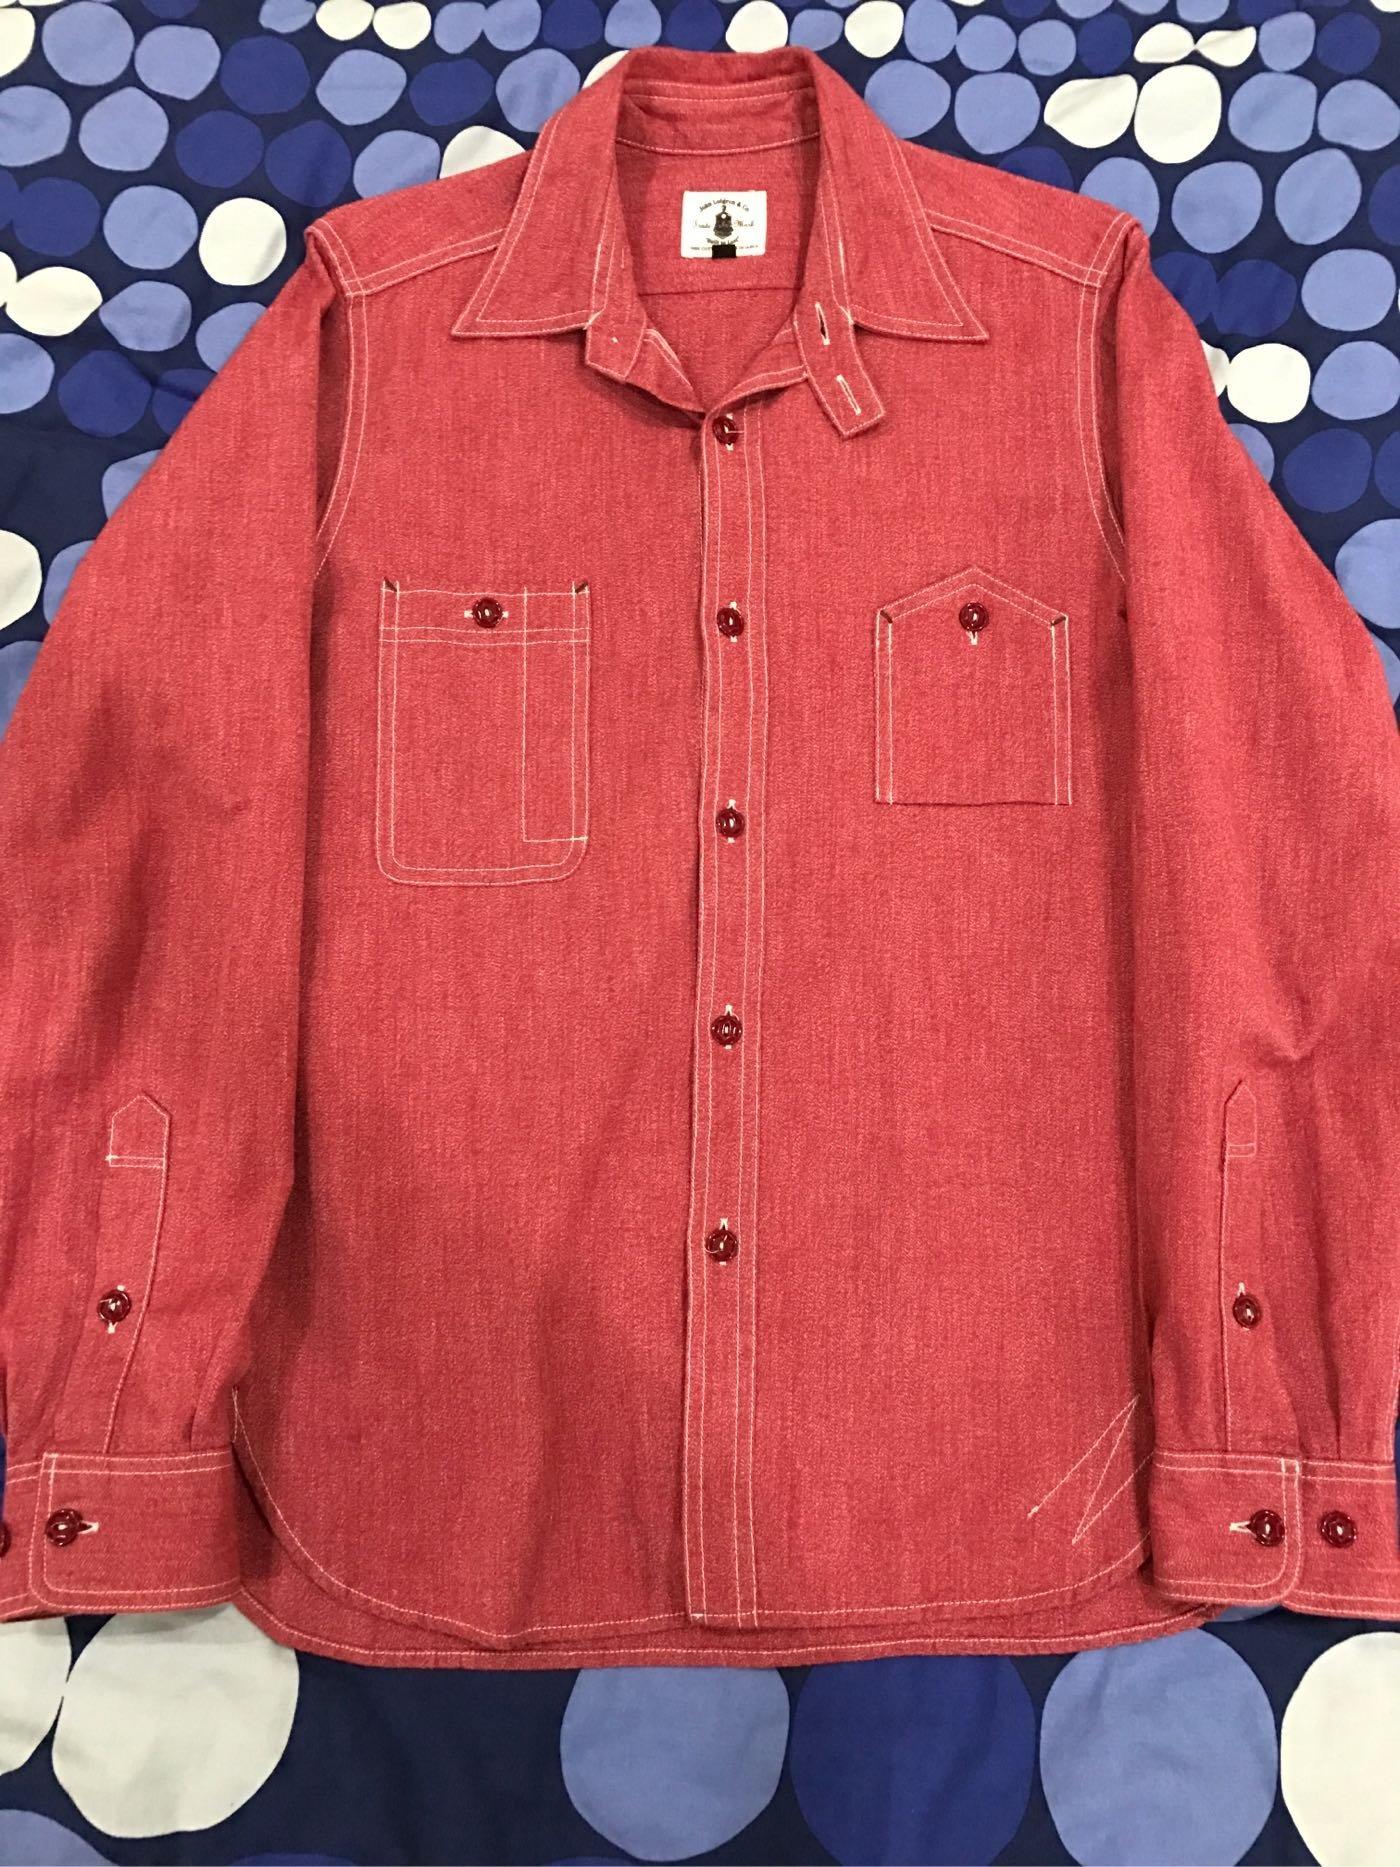 John lofgren work shirt sizeM (real McCoy mister freedom)